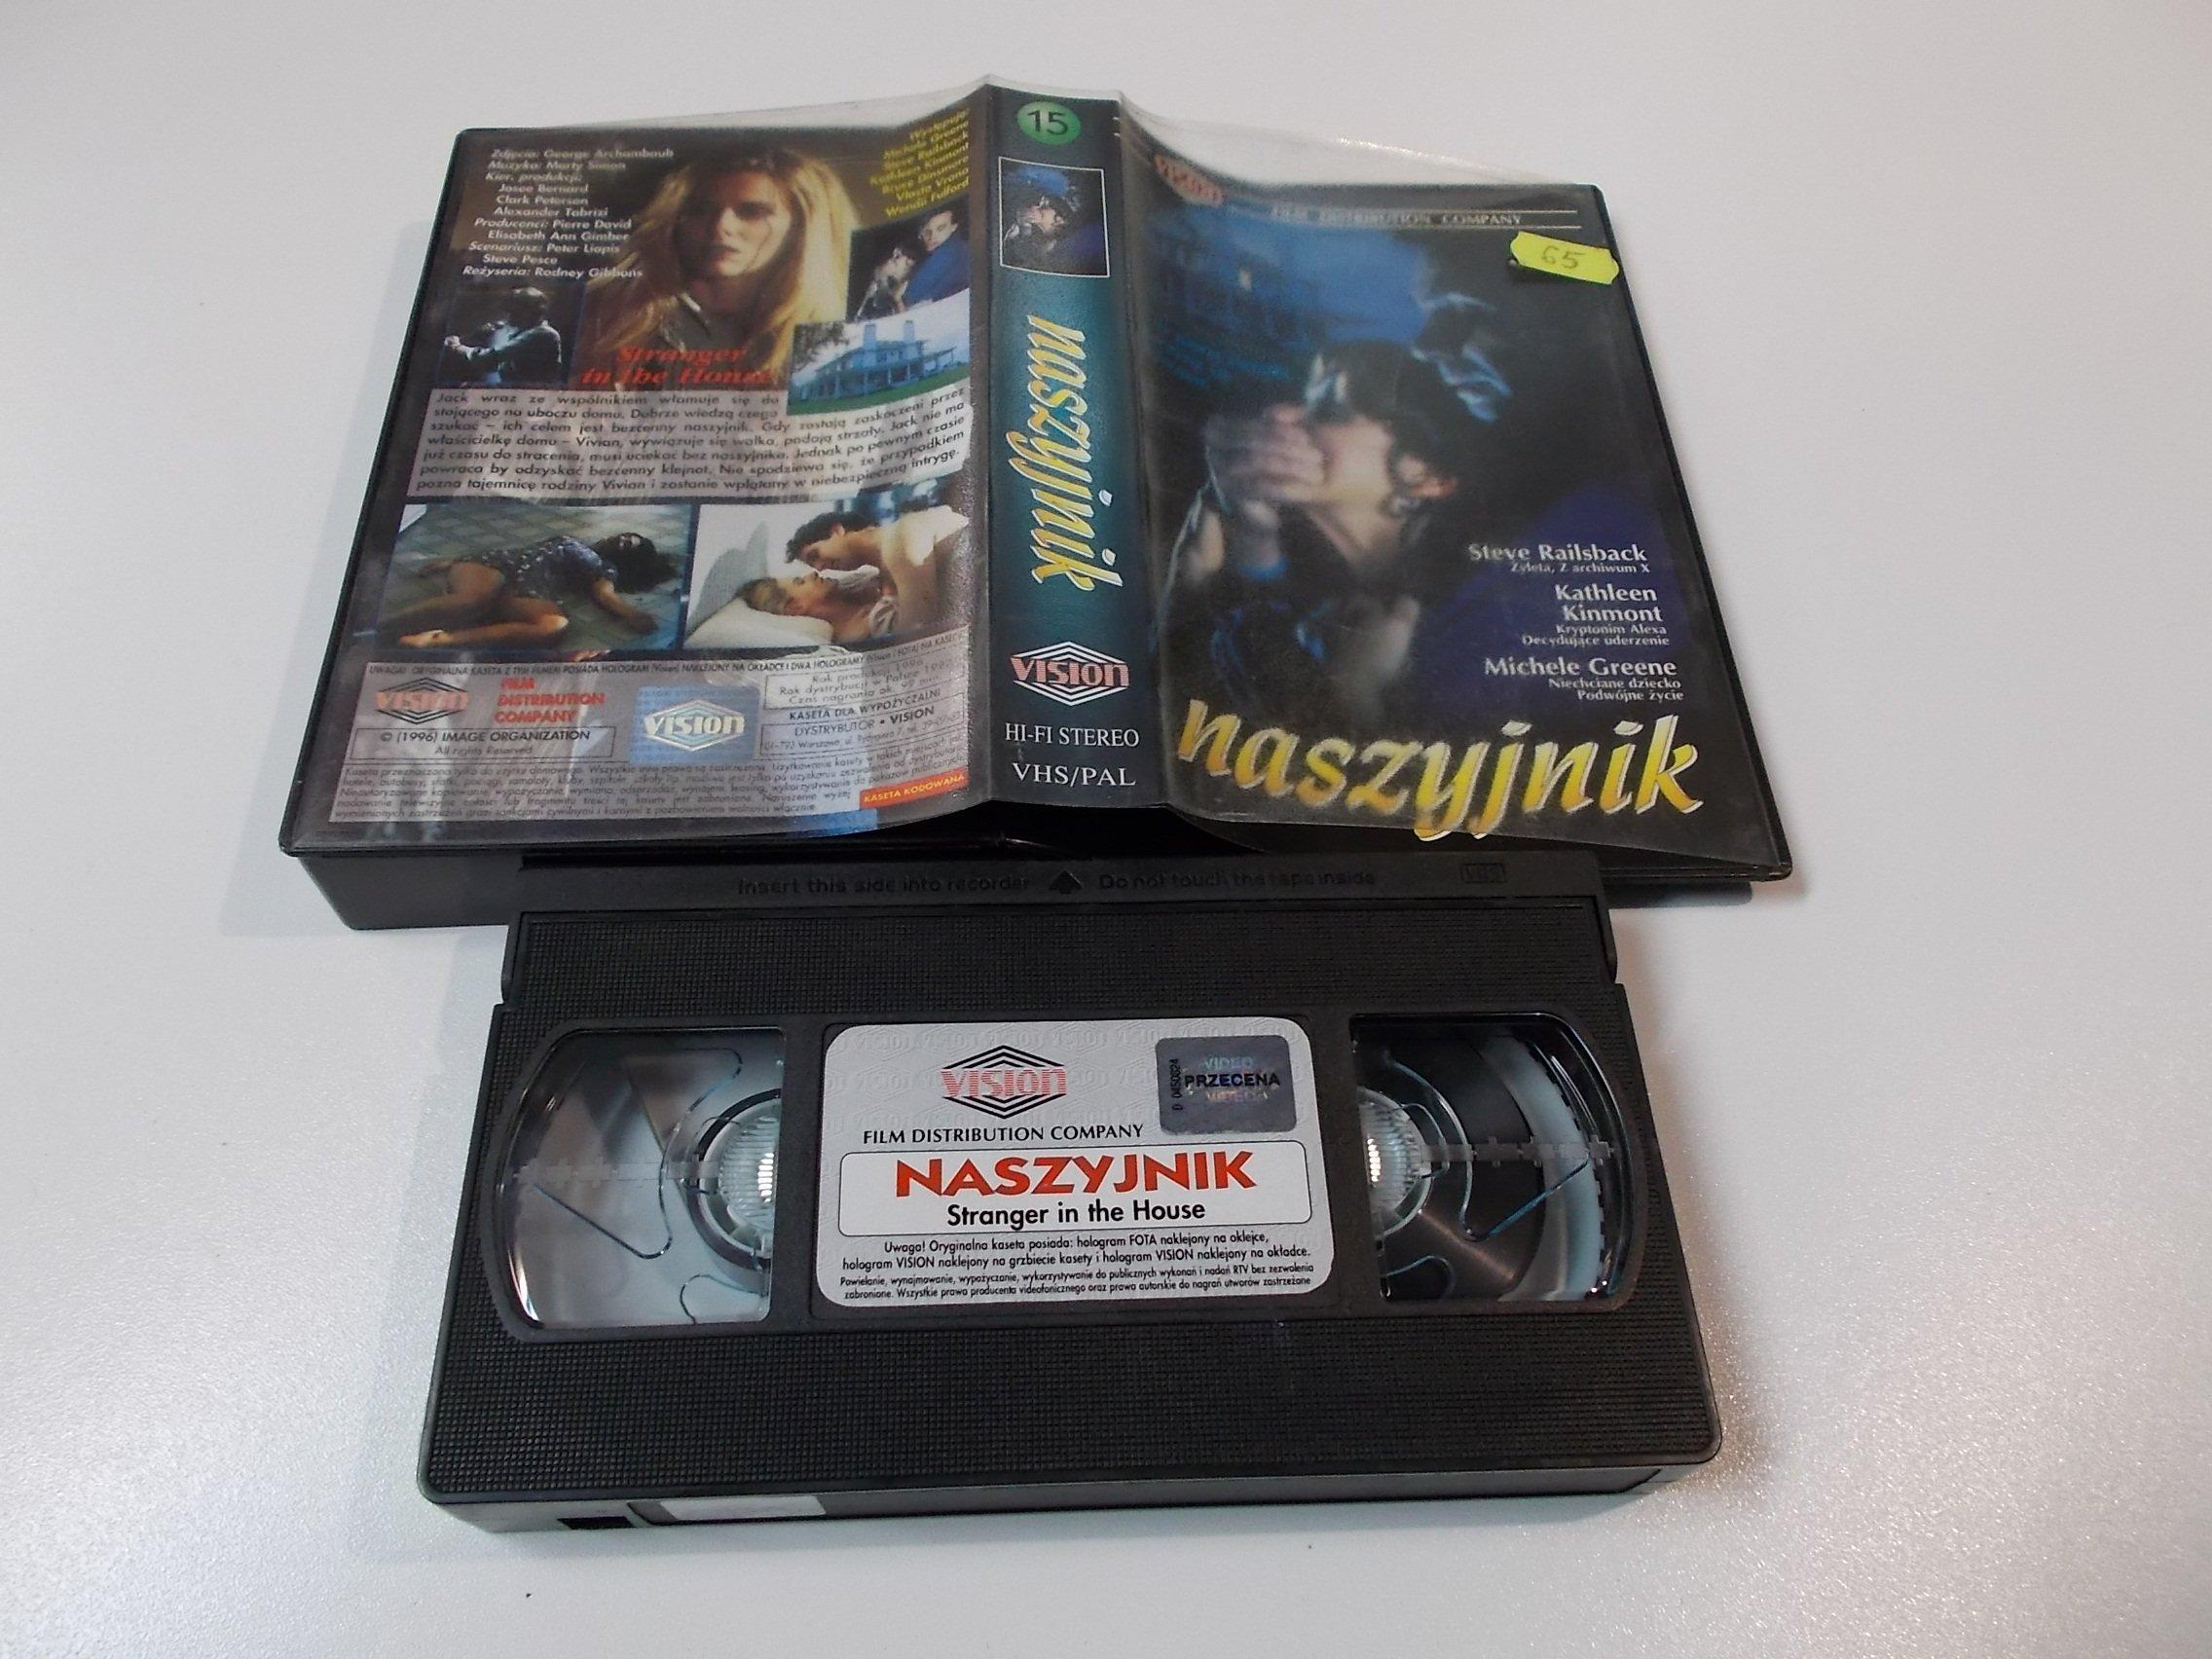 NASZYJNIK - Kaseta Video VHS - Opole 1514